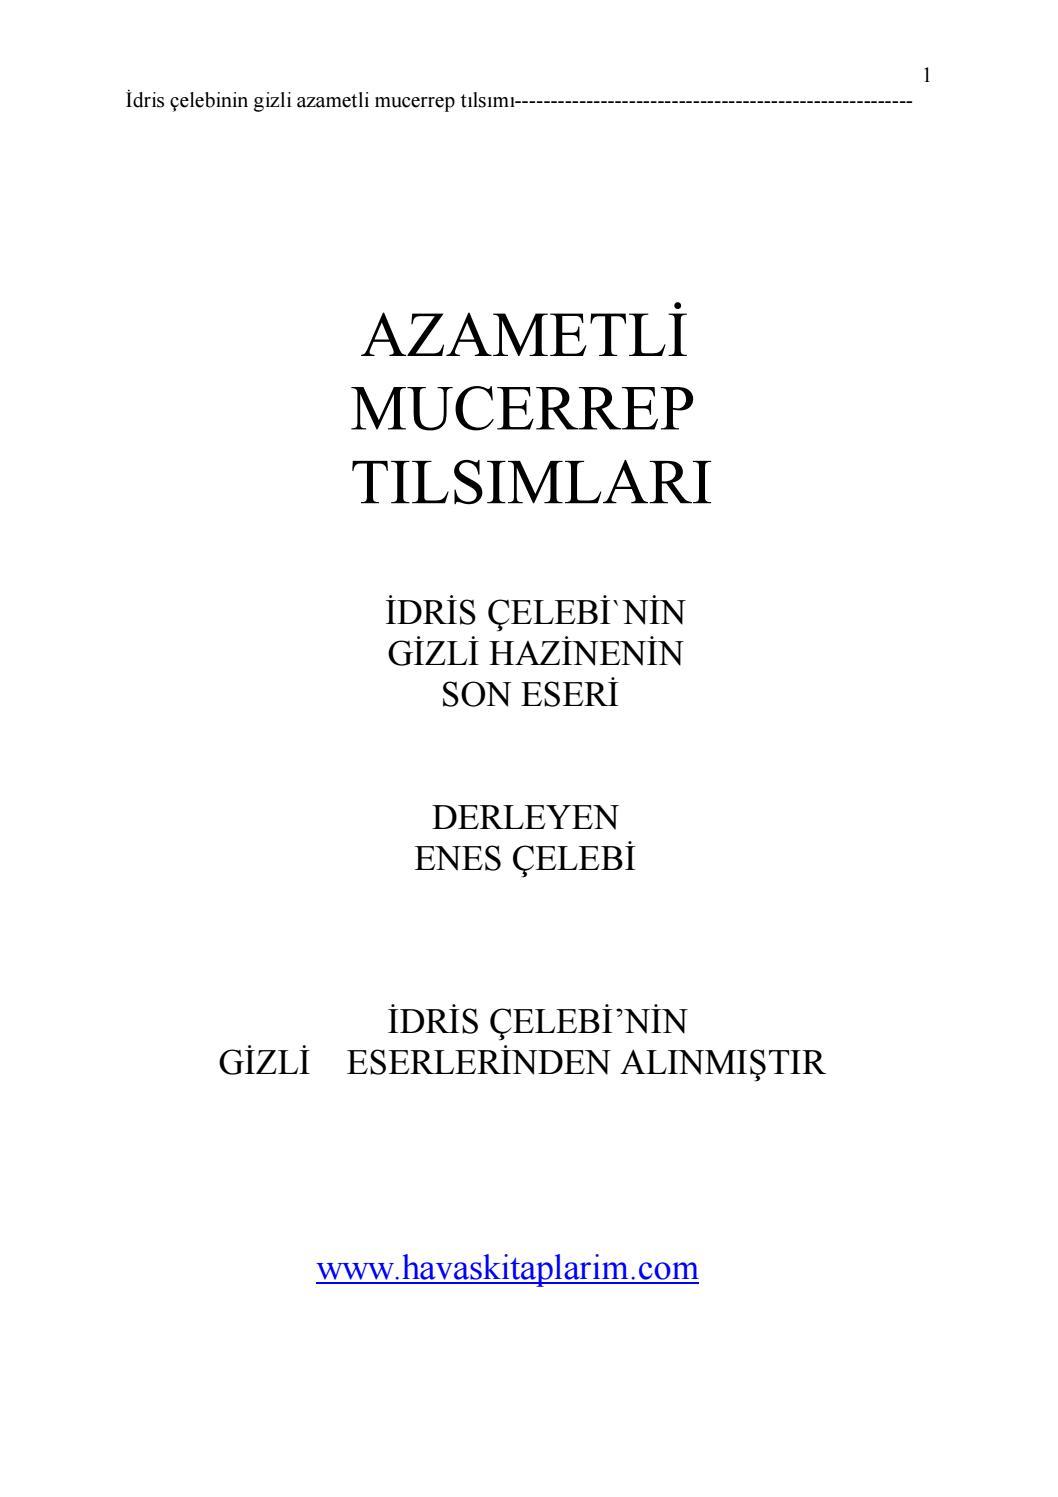 24 Azametli Mucerrep Tilsimlari 348 Sayfa By Turkce Havas Kitaplar